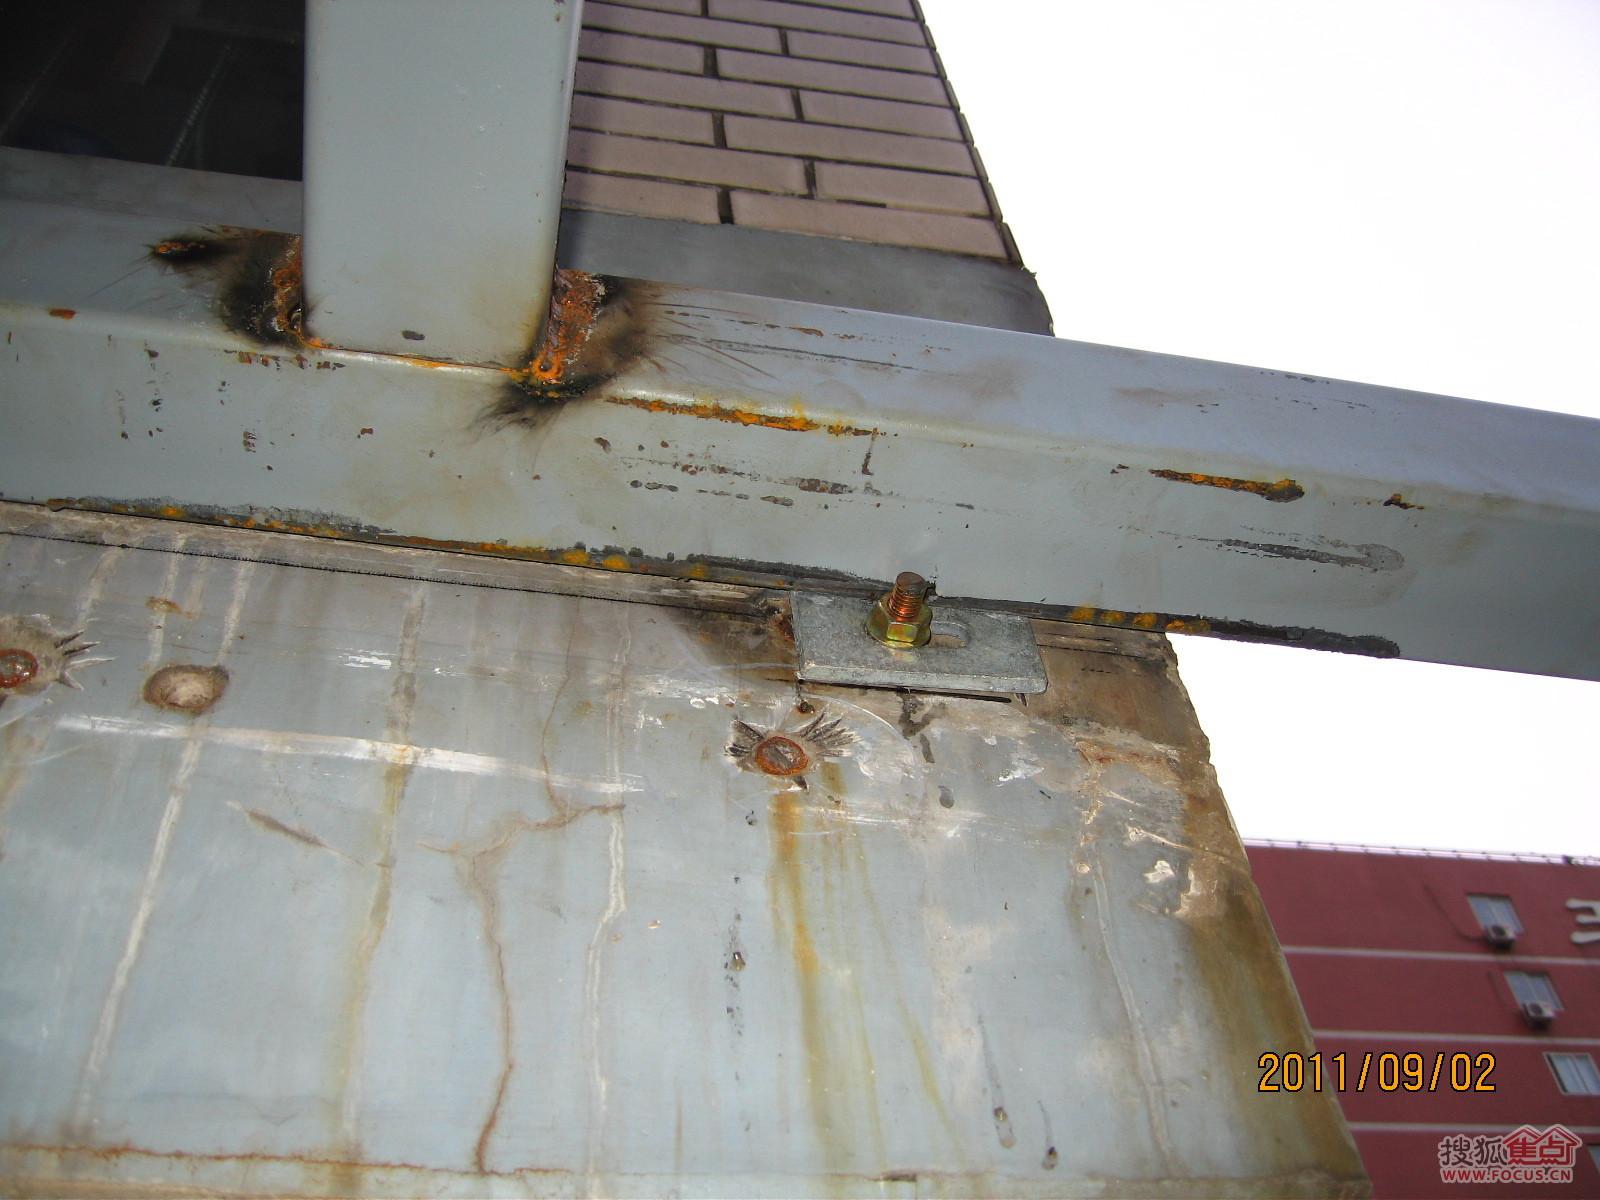 雨棚的主体框架结构已经初步制作完成,已经利用点焊固定了整体的钢架.